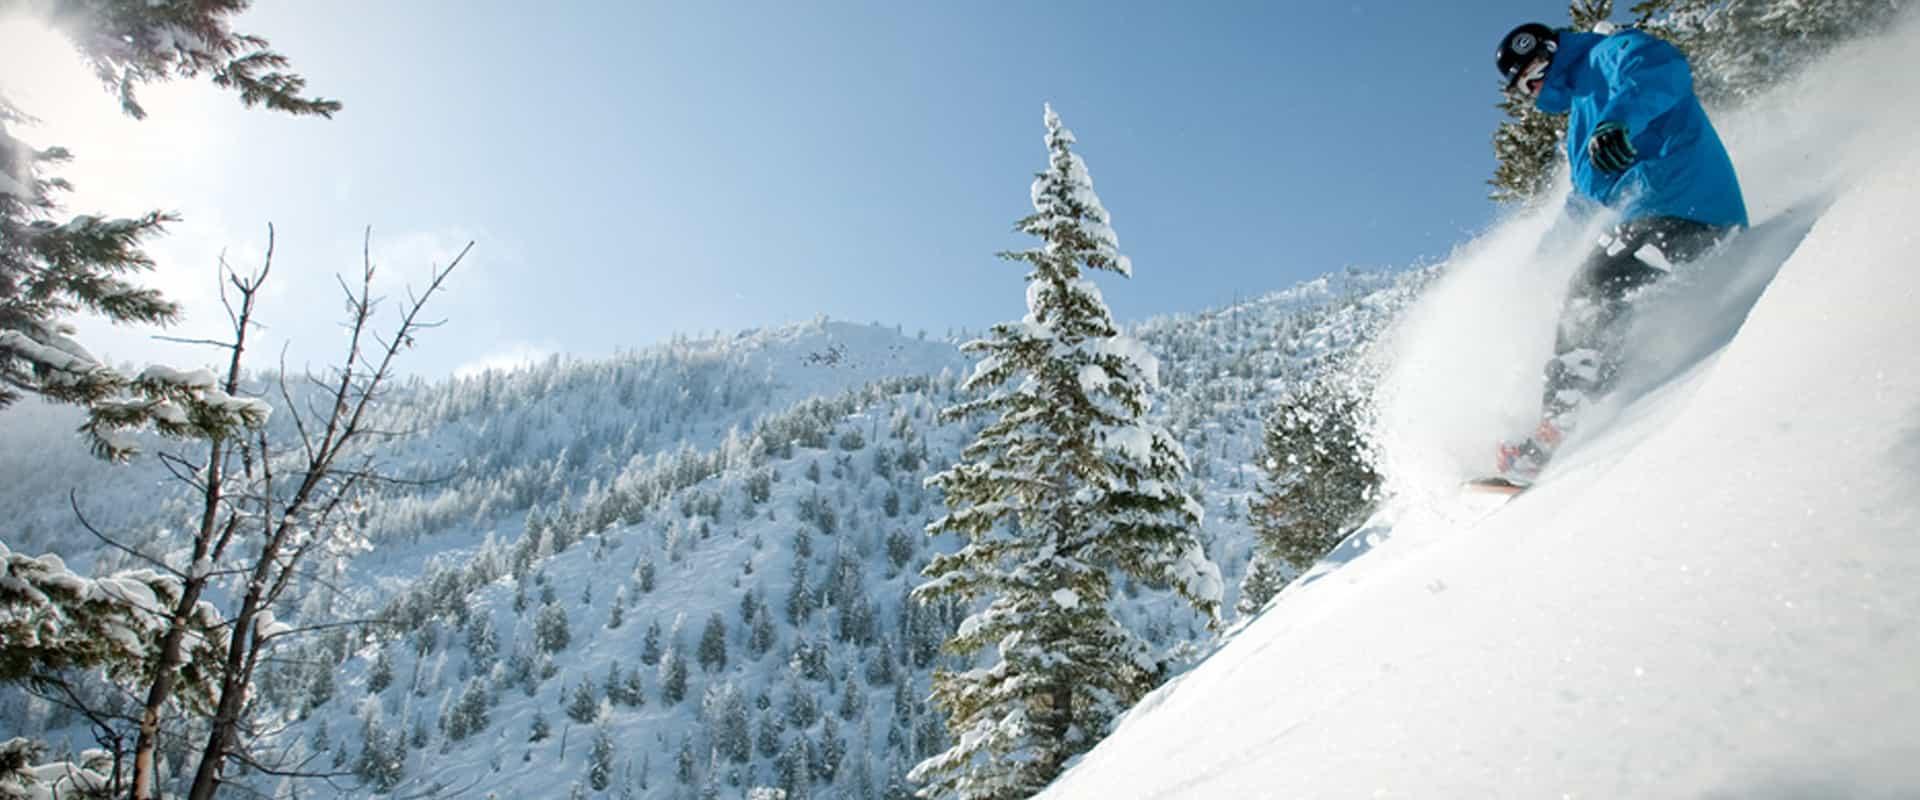 Snowboard at Panorama Mountain Resort